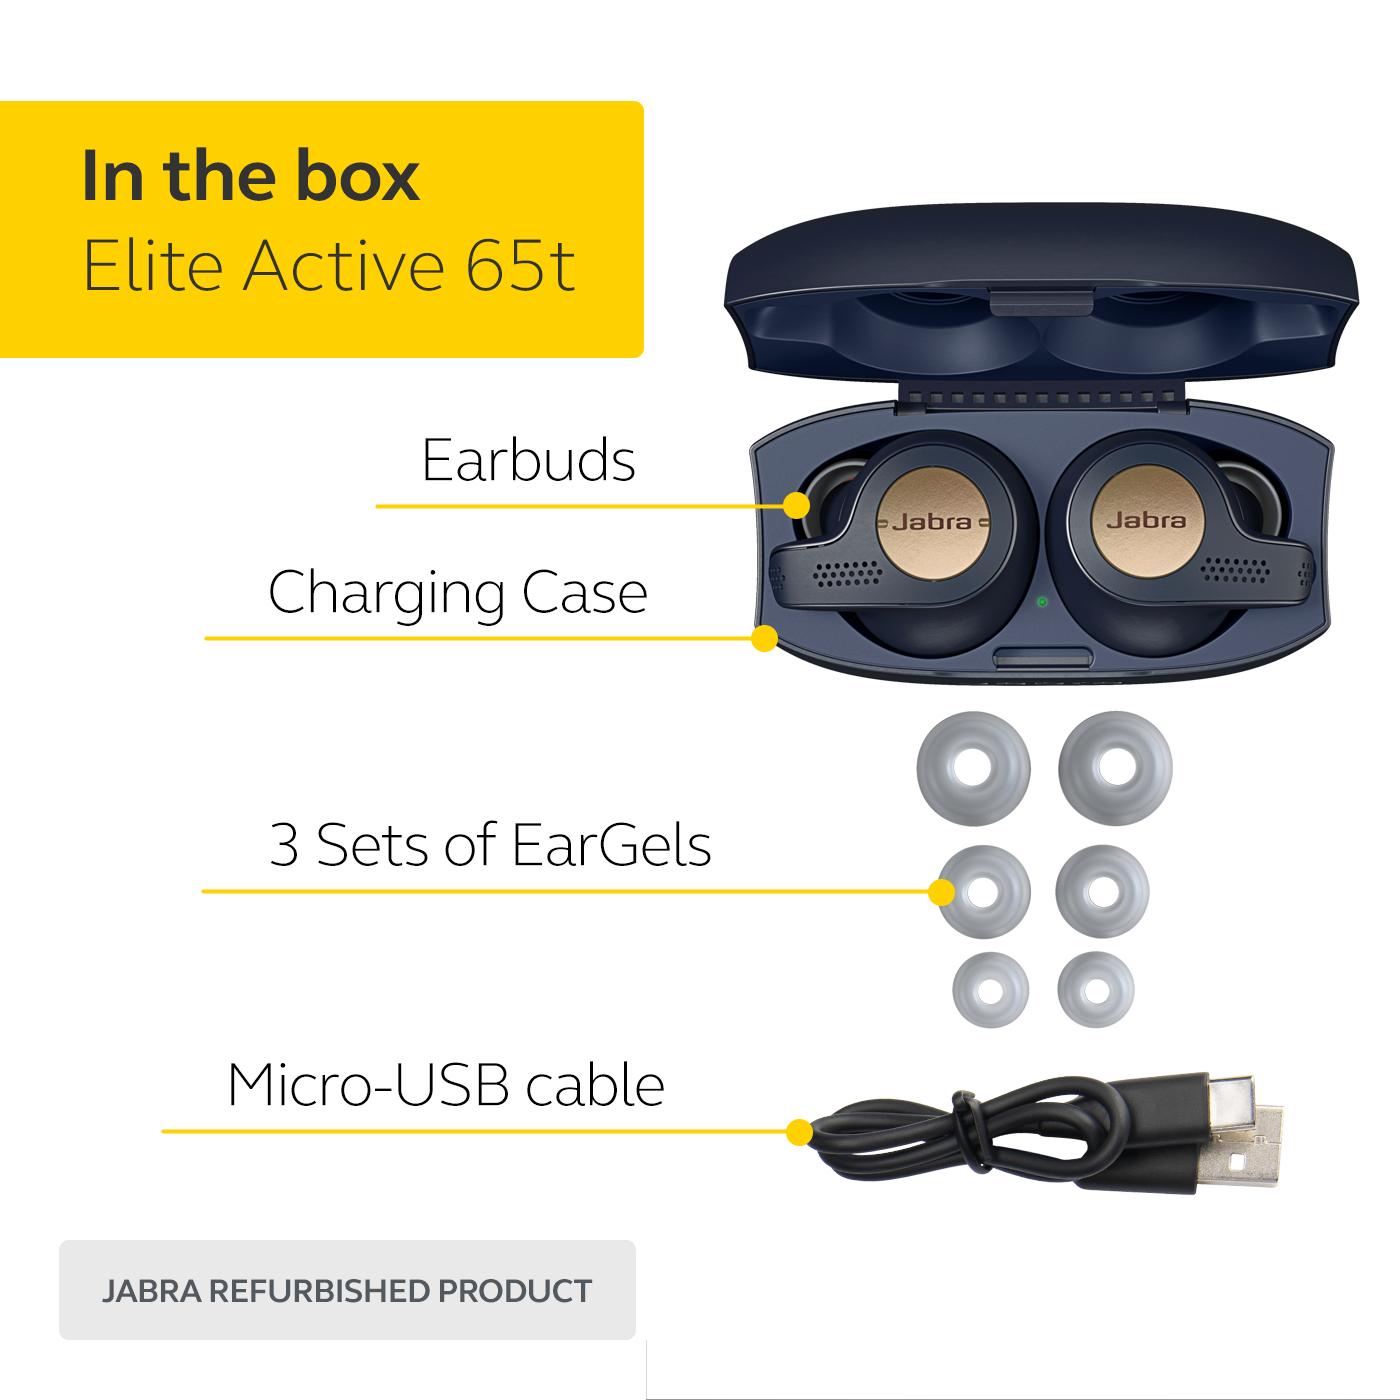 Jabra Elite Active 65t True Wireless Earbuds Manufacturer Refurbished Ebay